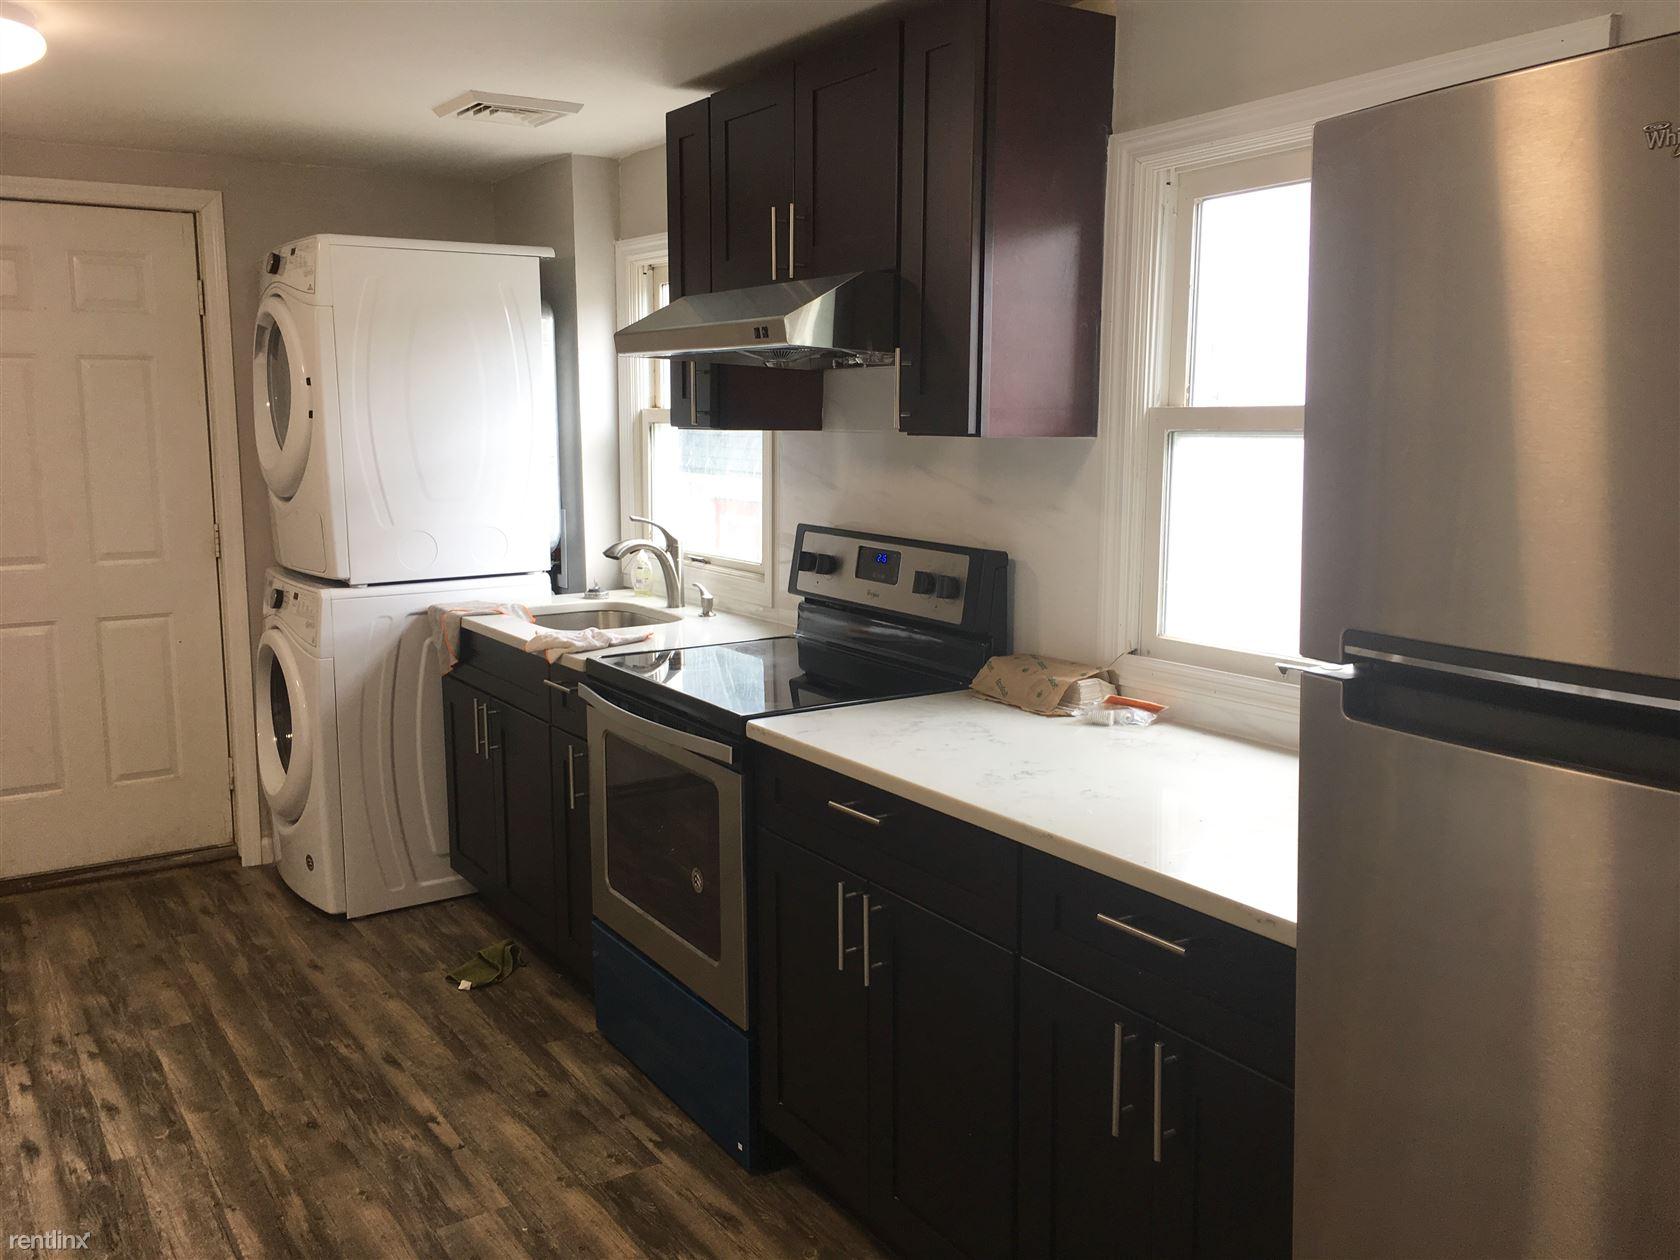 52 Walnut St, Binghamton, NY - $475